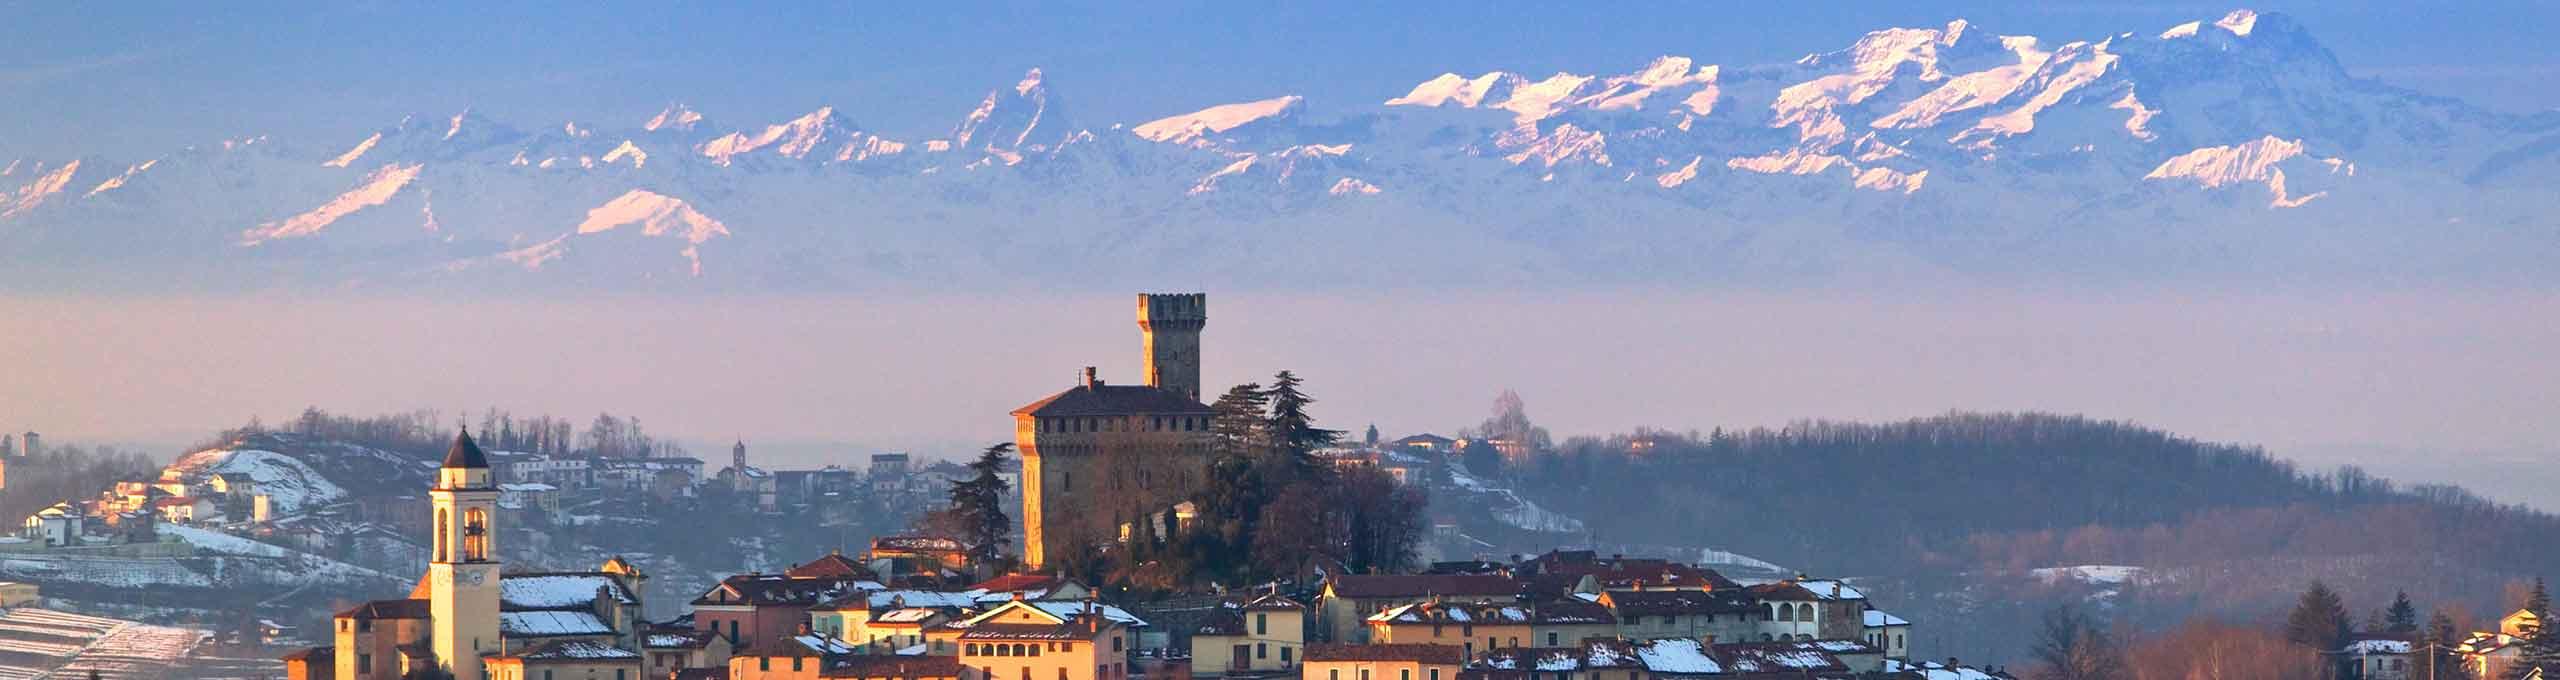 Trisobbio, Alto Monferrato, Castello di Trisobbio